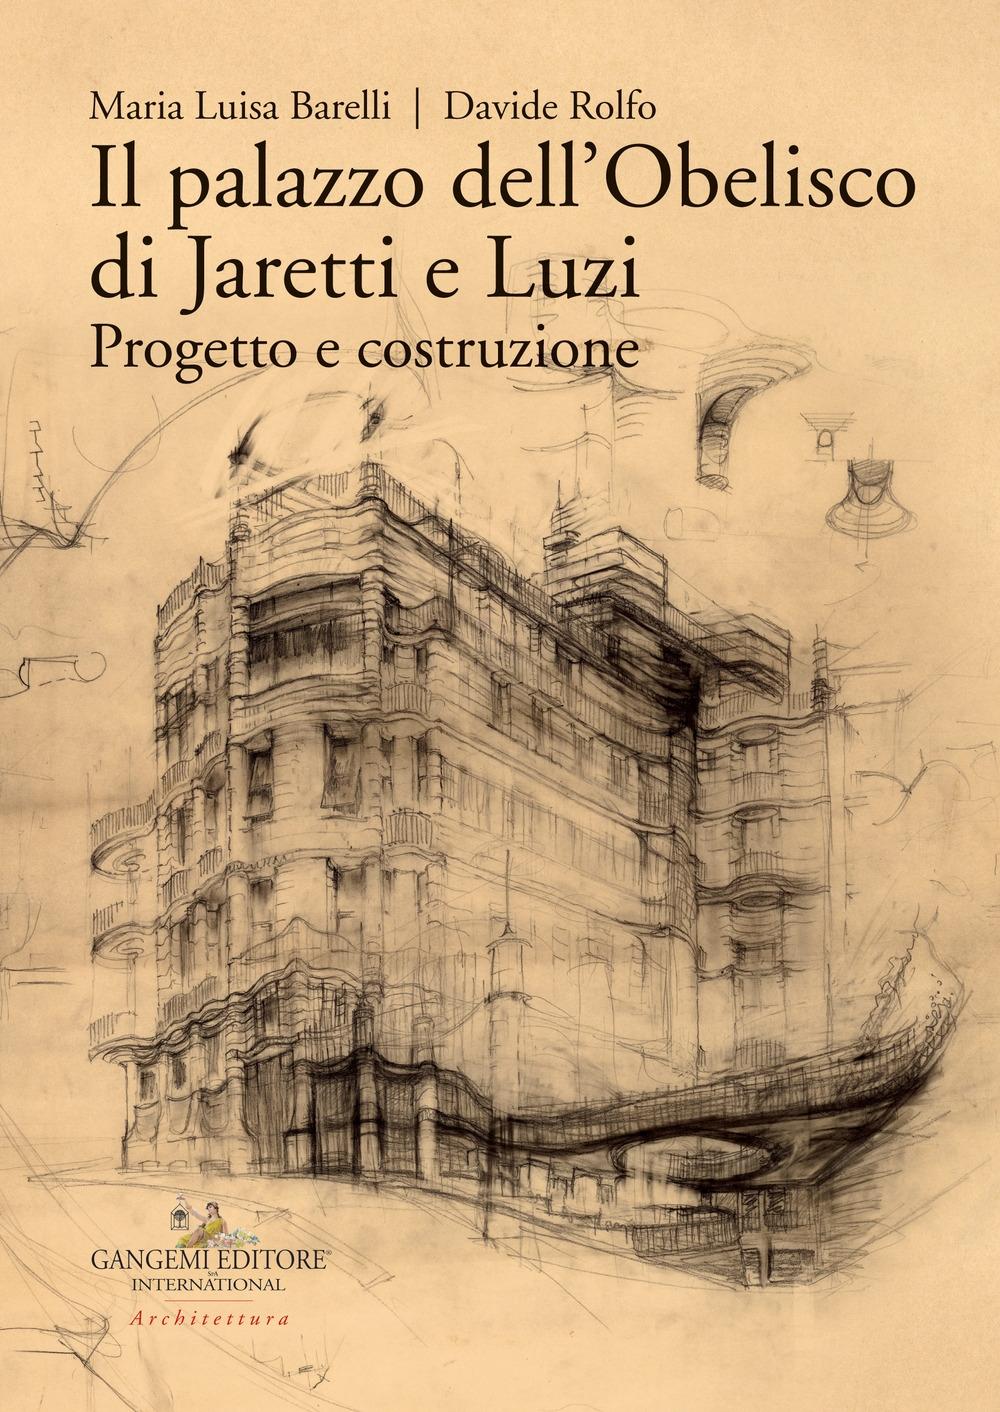 Il palazzo dell'Obelisco di Jaretti e Luzi. Progetto e costruzione.